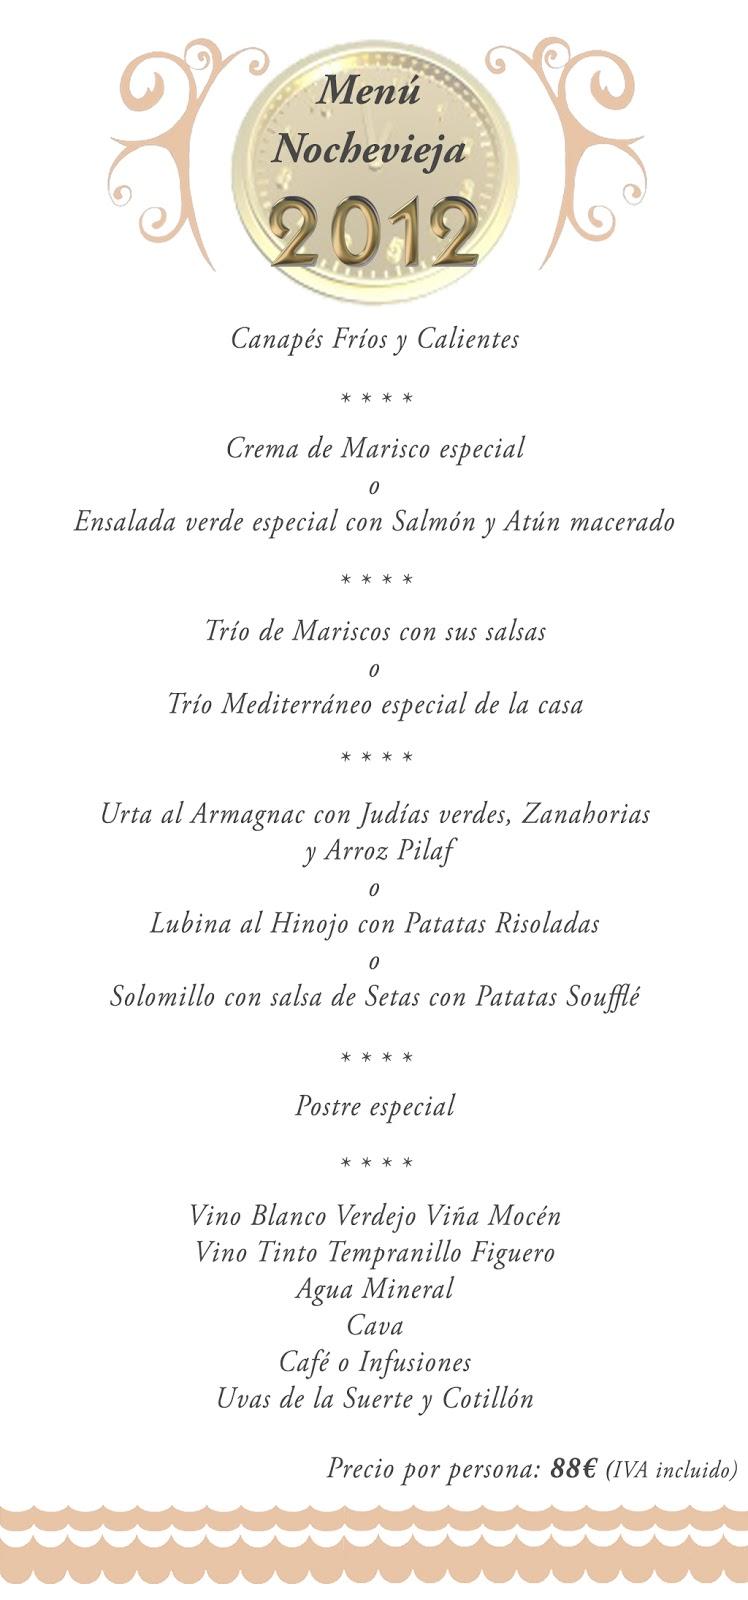 El blog de la dorada men nochevieja la dorada 2012 - Menu cena de nochevieja ...